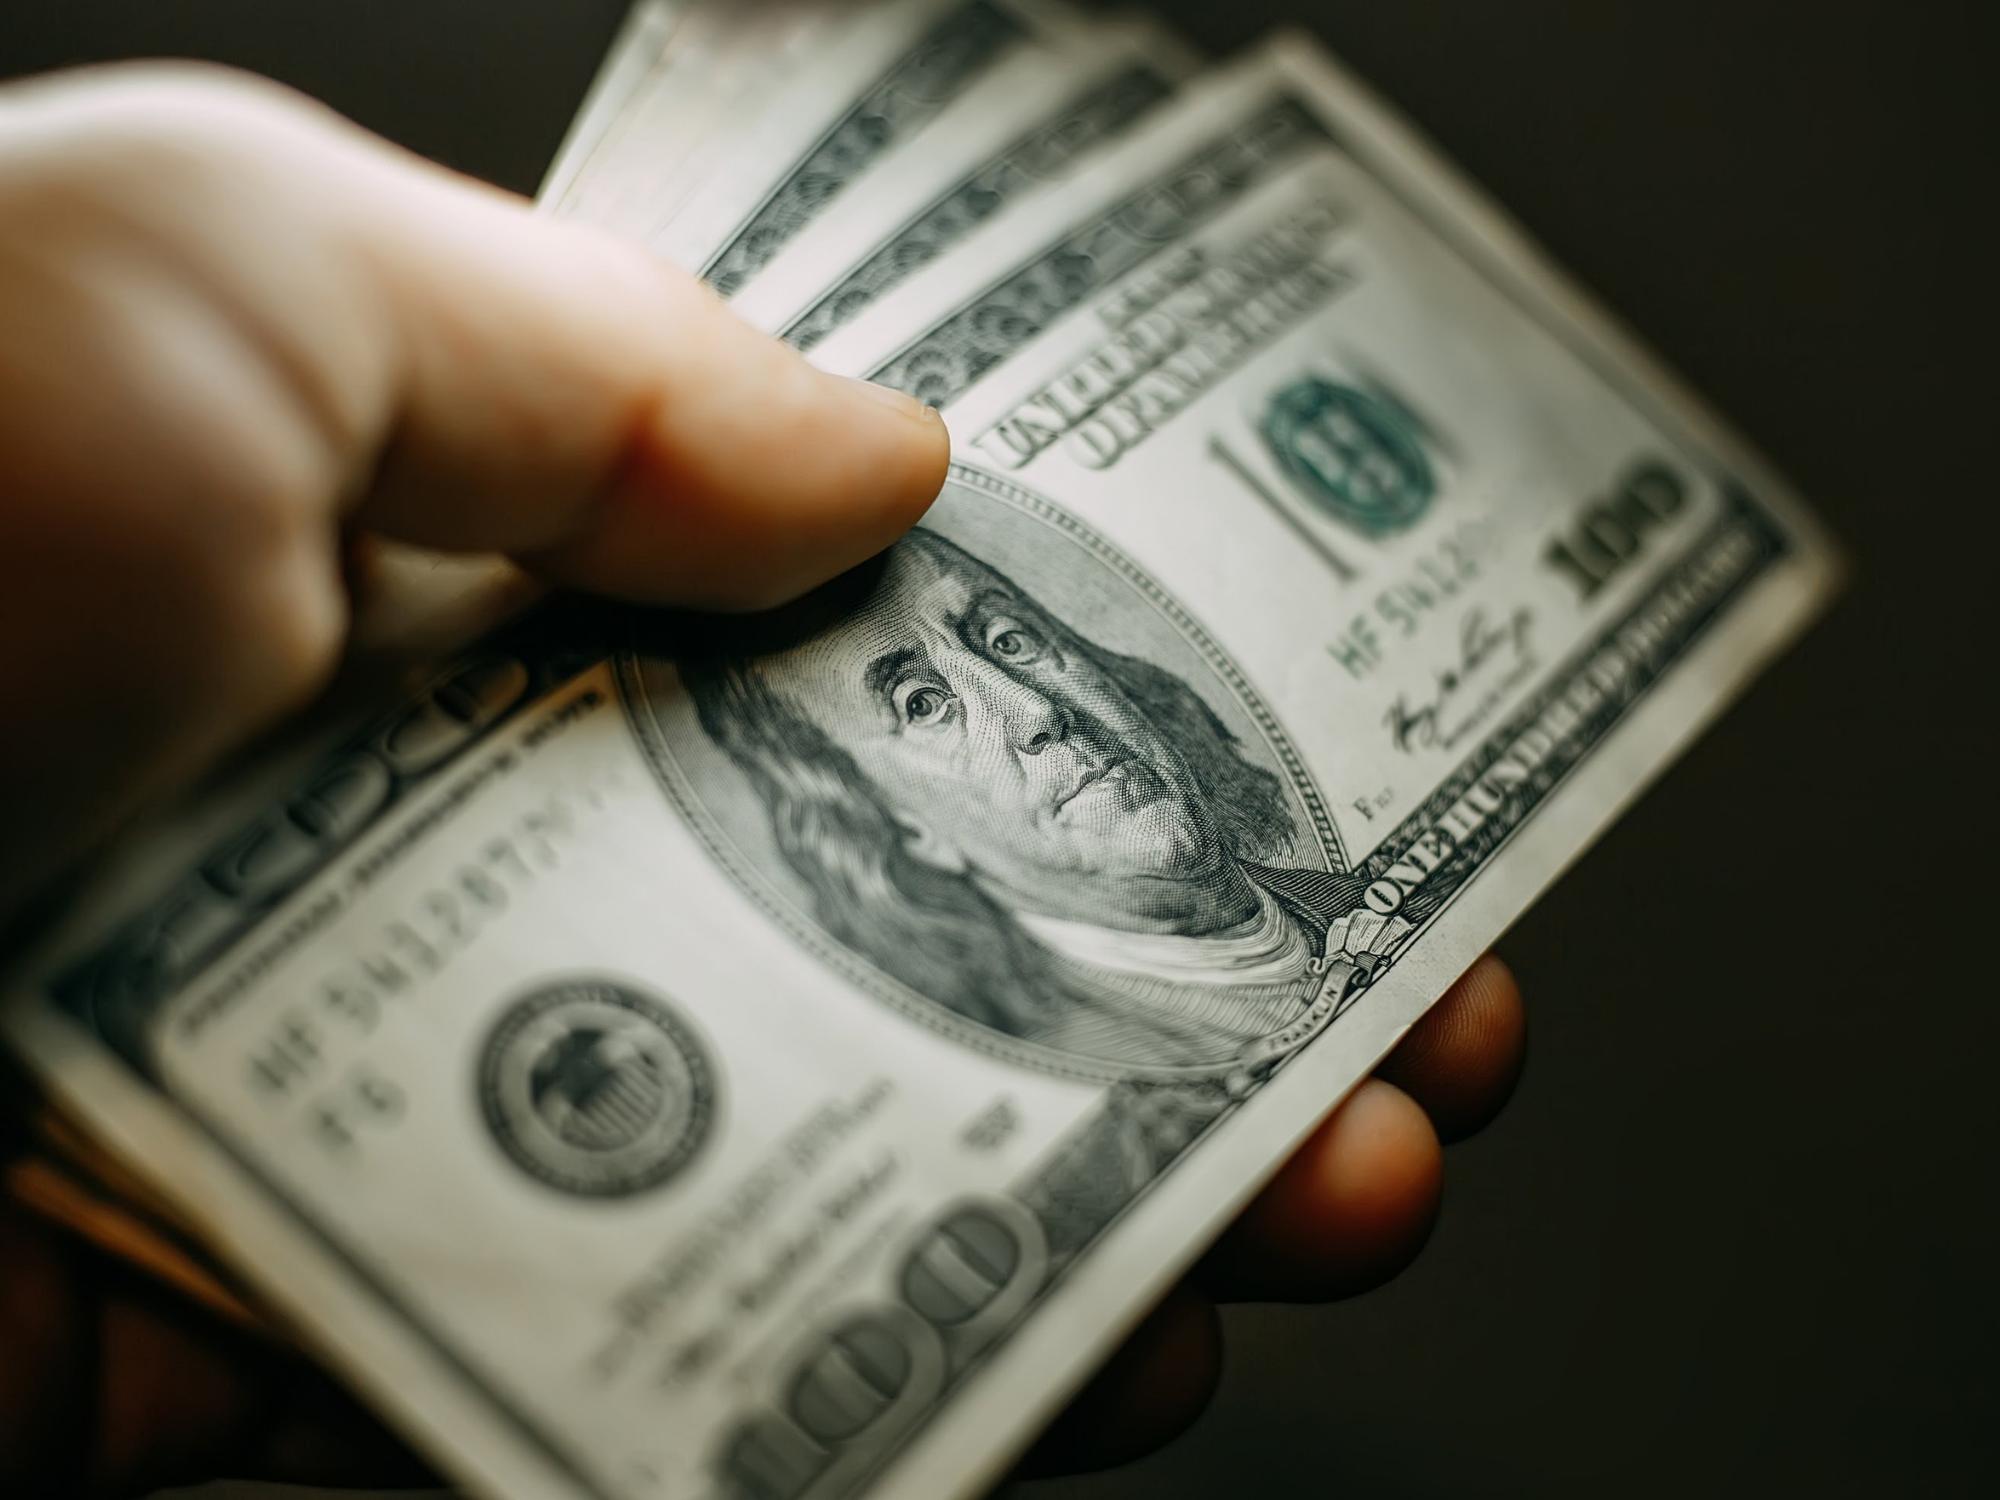 ¿Qué está pasando con el dólar en el mundo?